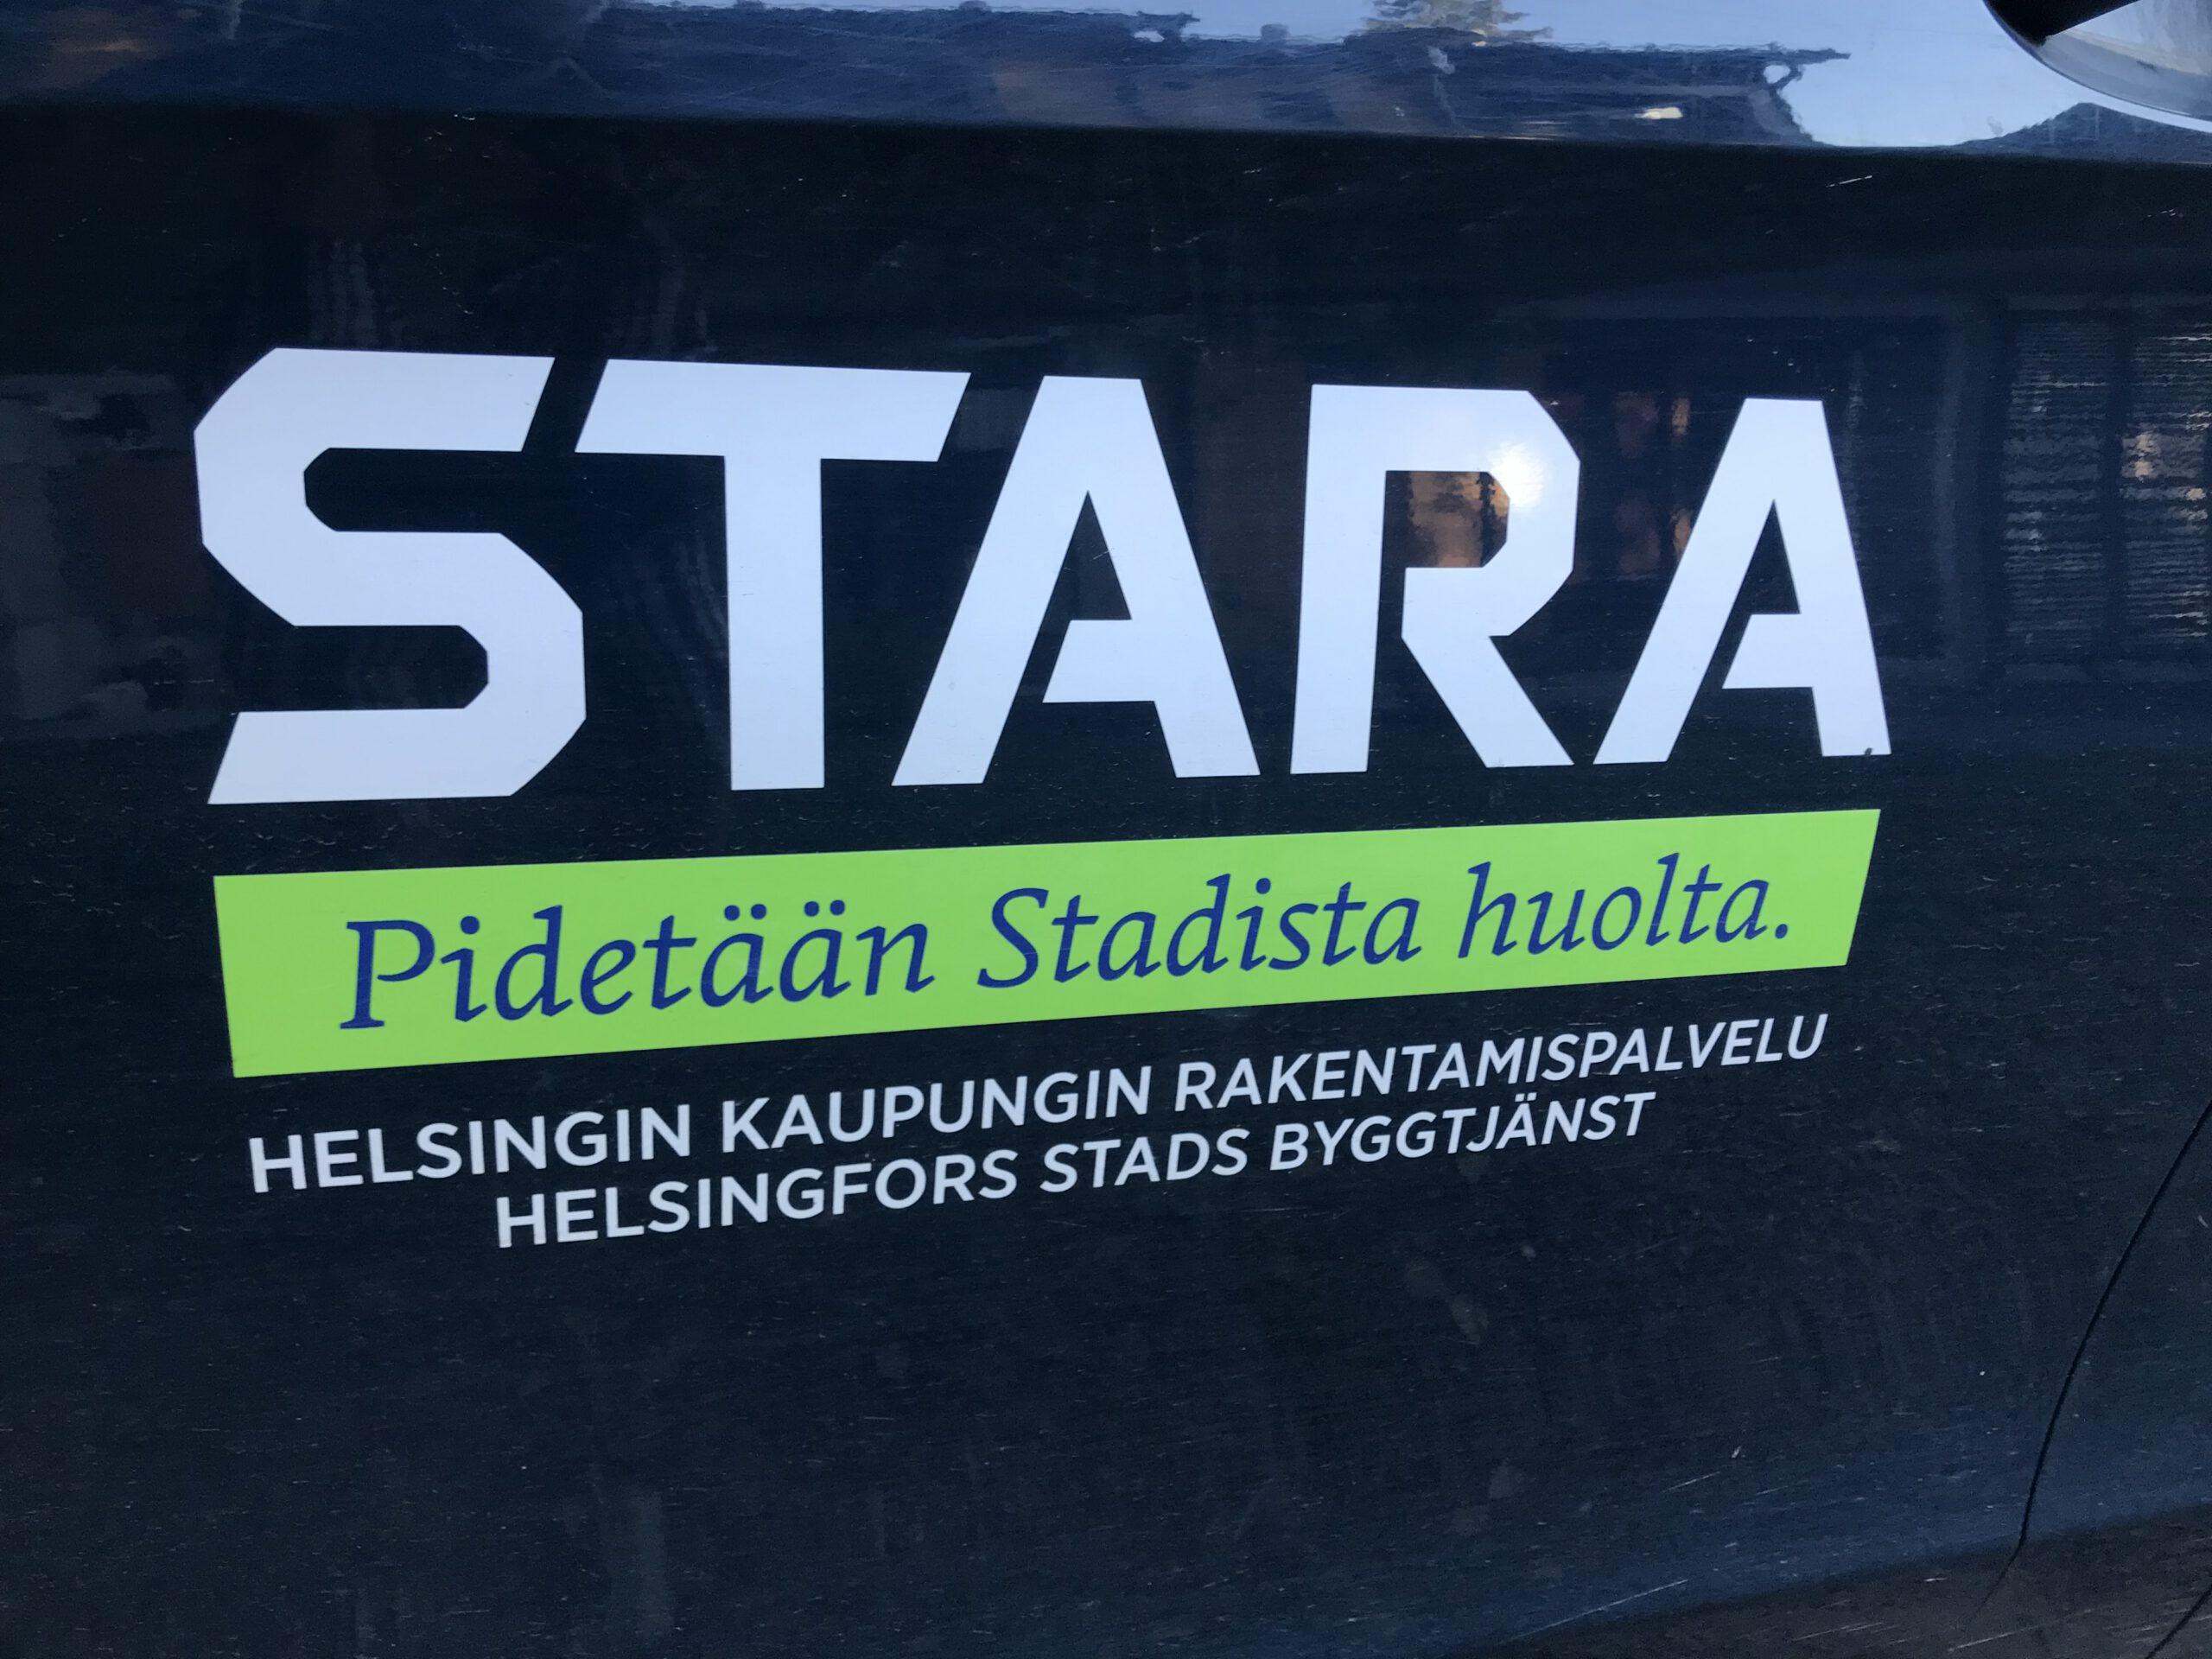 Kuva, jossa on Staran logo